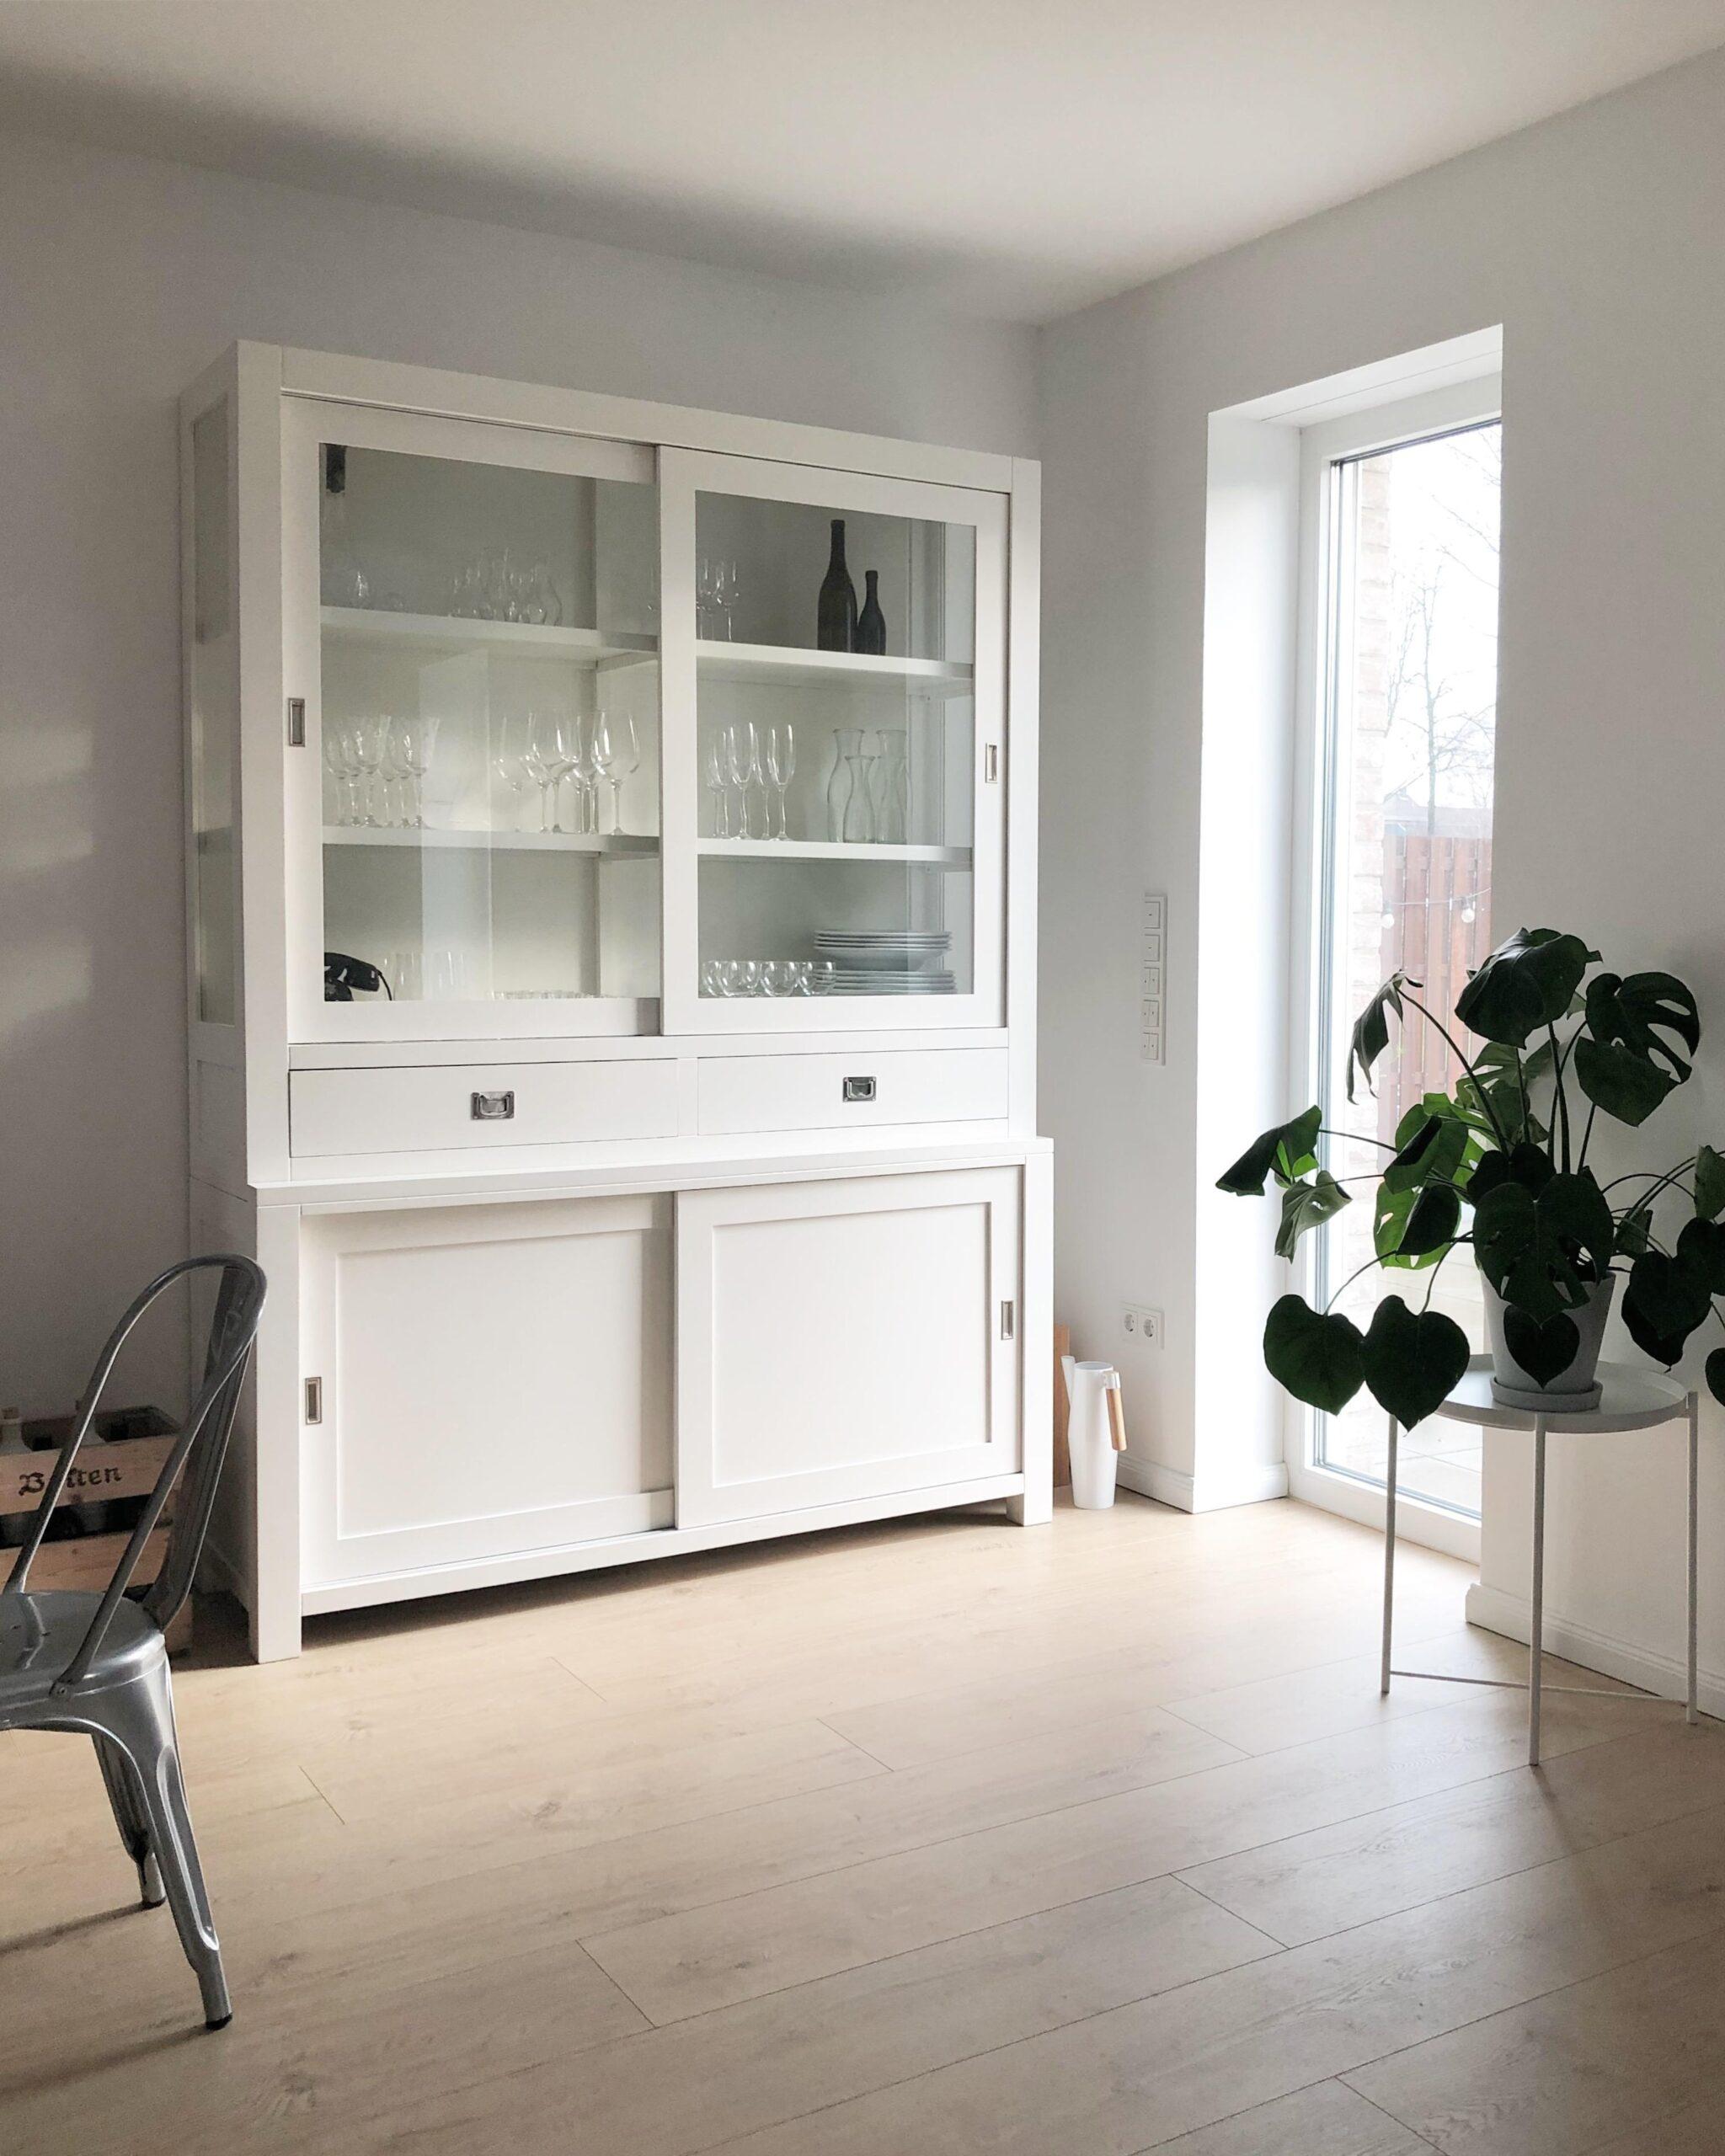 Full Size of Wohnzimmerschränke Ikea Modulküche Küche Kosten Miniküche Betten Bei Kaufen Sofa Mit Schlaffunktion 160x200 Wohnzimmer Wohnzimmerschränke Ikea